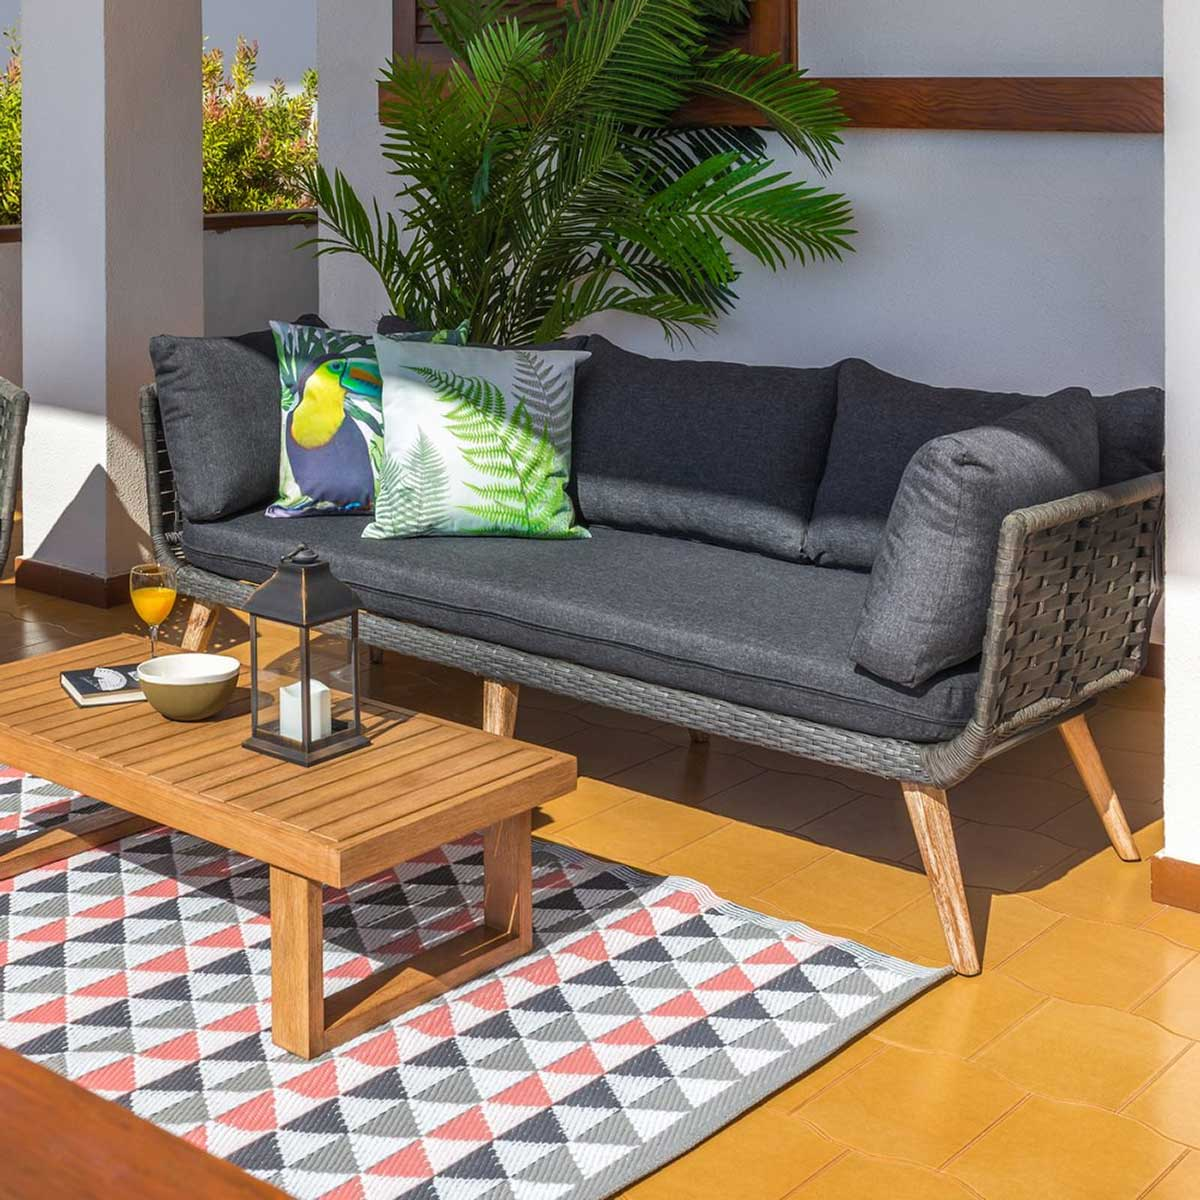 Canapé naturel en corde et bois - Gris - 192.00 cm x 72.00 cm x 68.00 cm